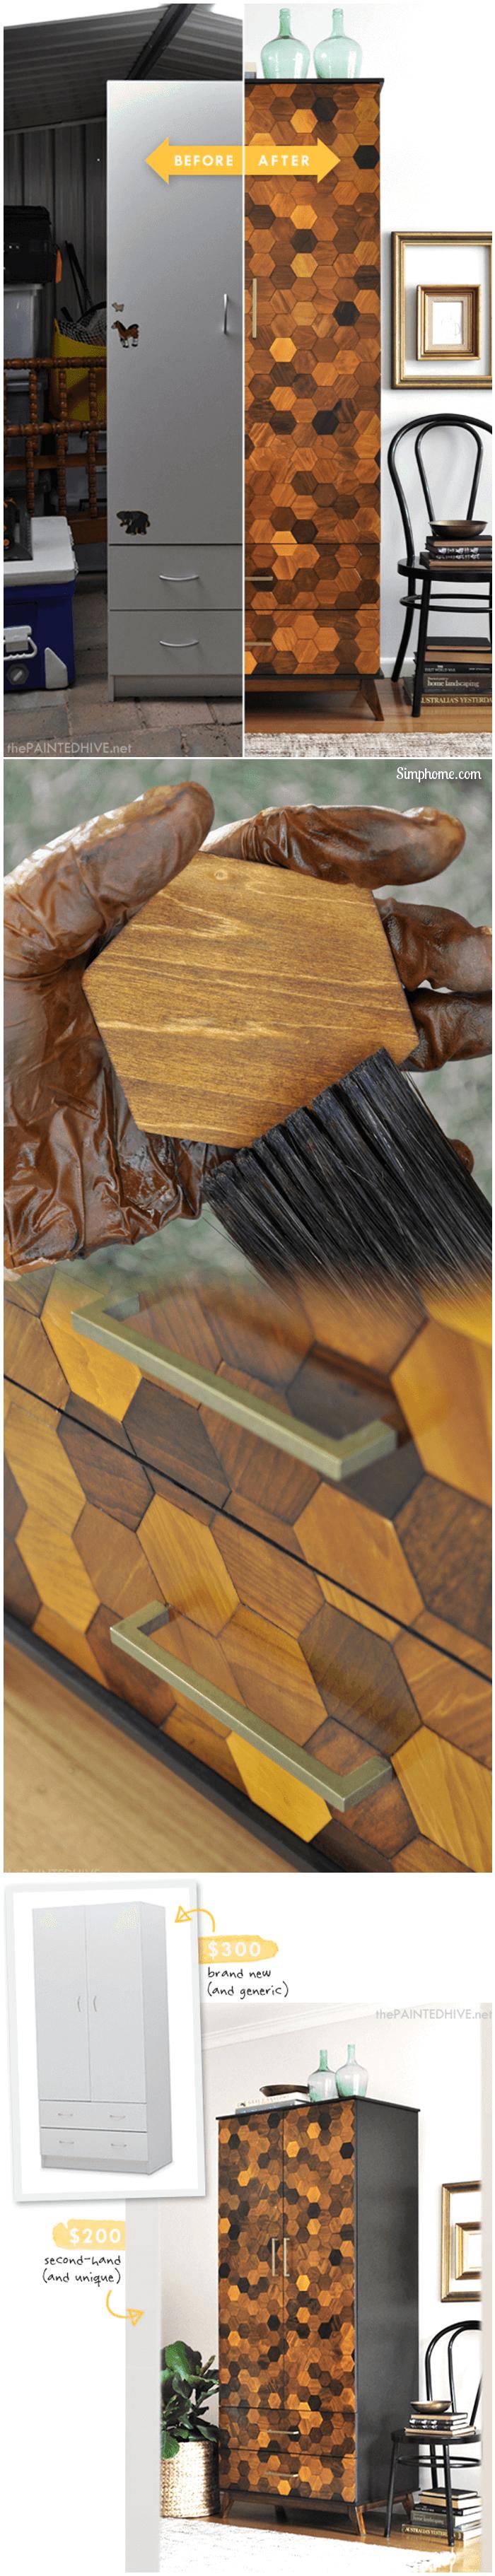 Beautiful DIY Honeycomb Armoire 16 Simphome com p